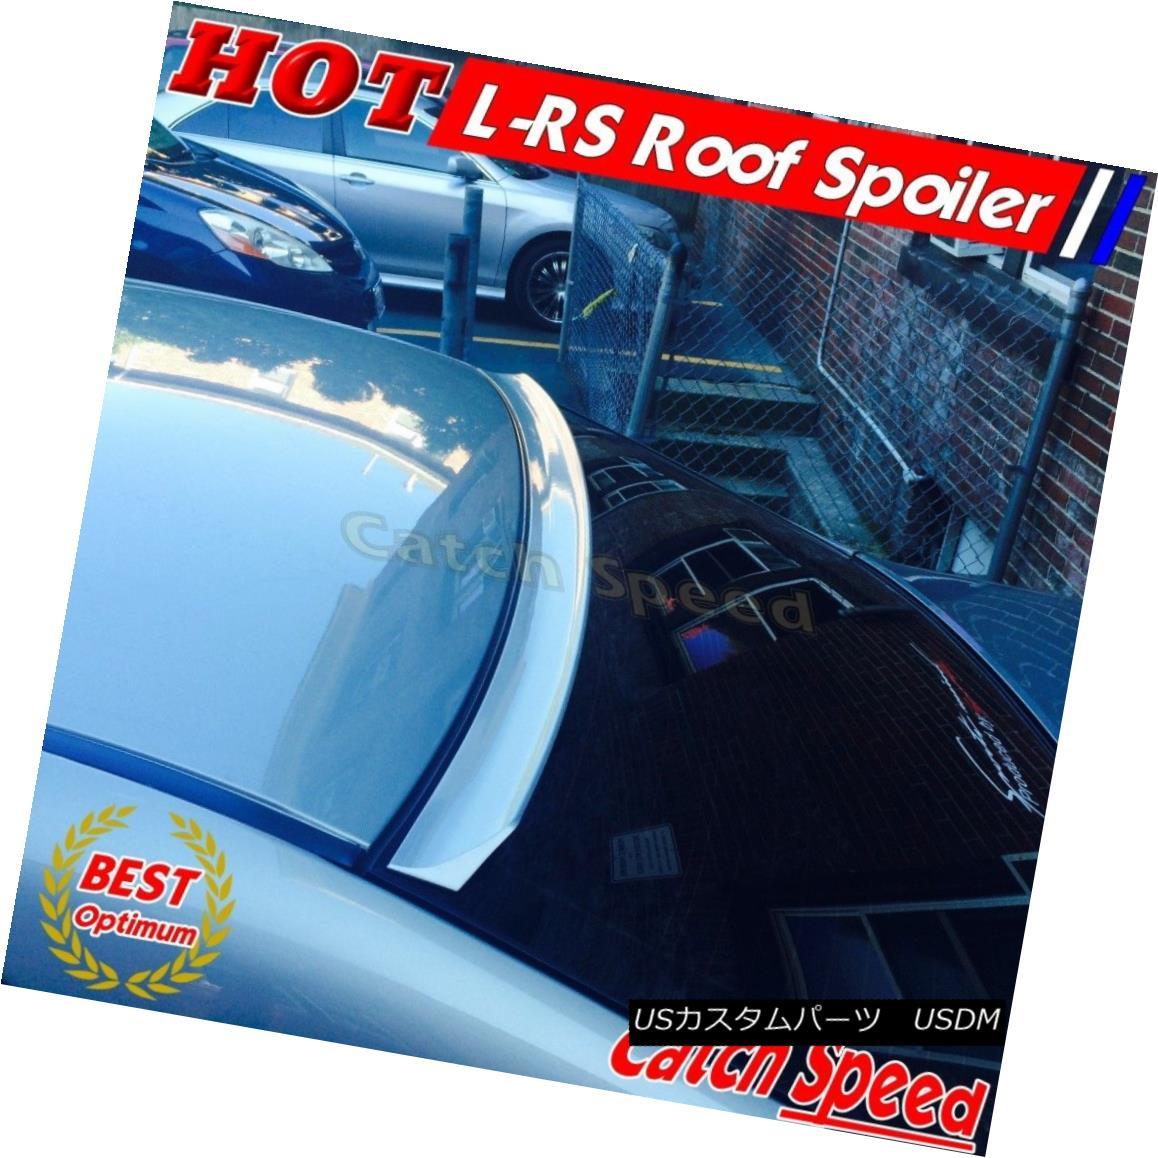 エアロパーツ Painted LRS Rear Window Roof Visor Spoiler For 3-series BMW E36 1991~98 Sedan ? ペイントされたLRSリアウインドウルーフバイザースポイラー3シリーズBMW E36 1991?98セダン?